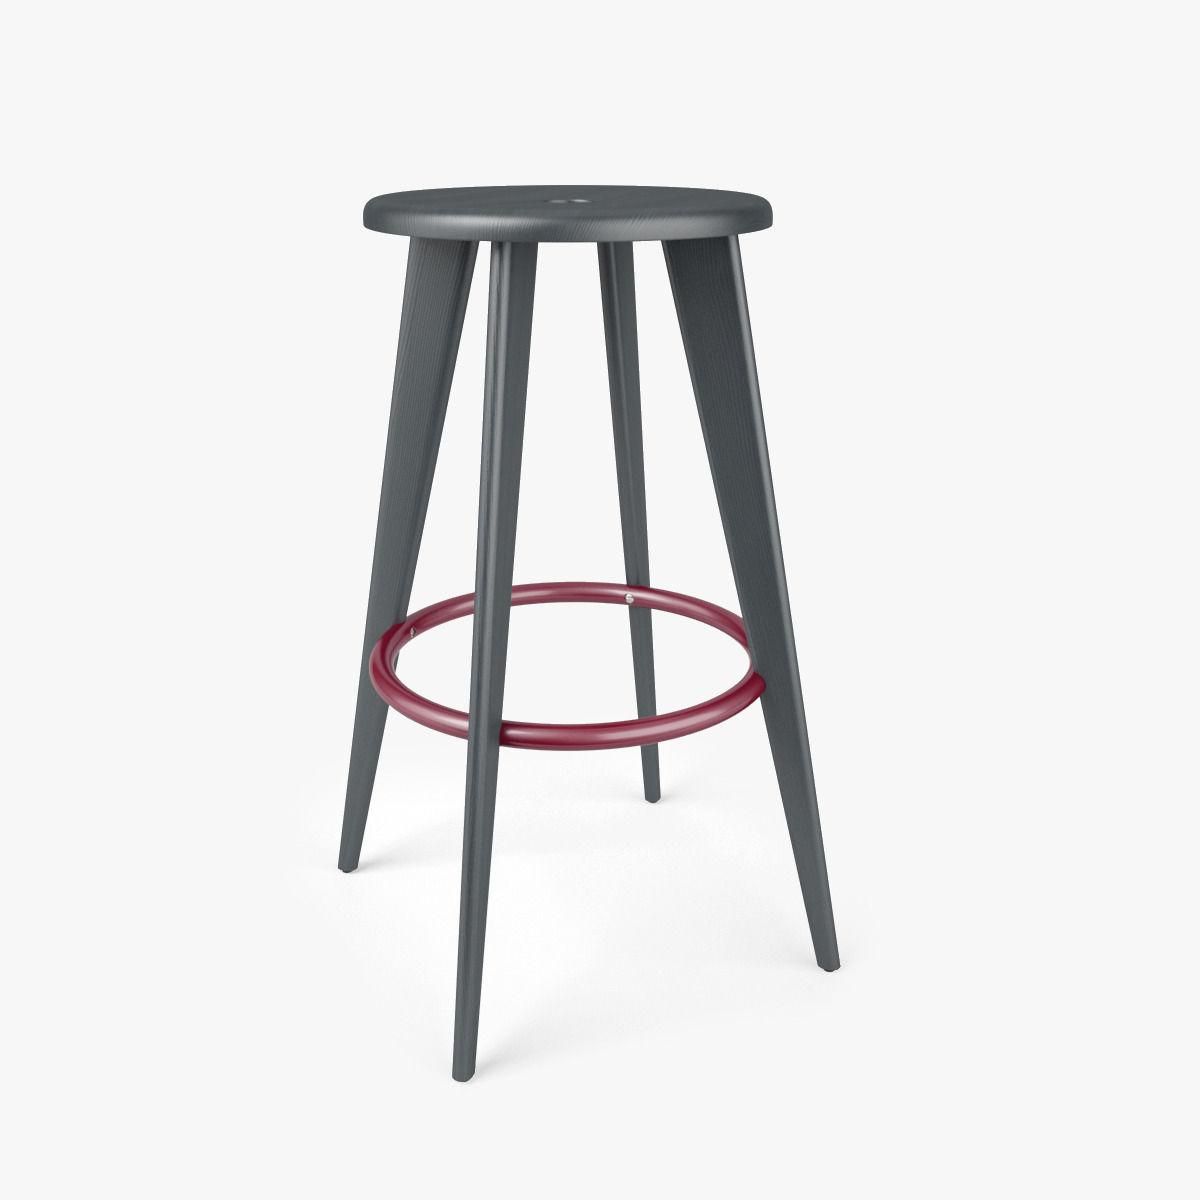 Vitra tabouret haut bar stool 3d model max obj fbx mtl for Tabouret bar haut